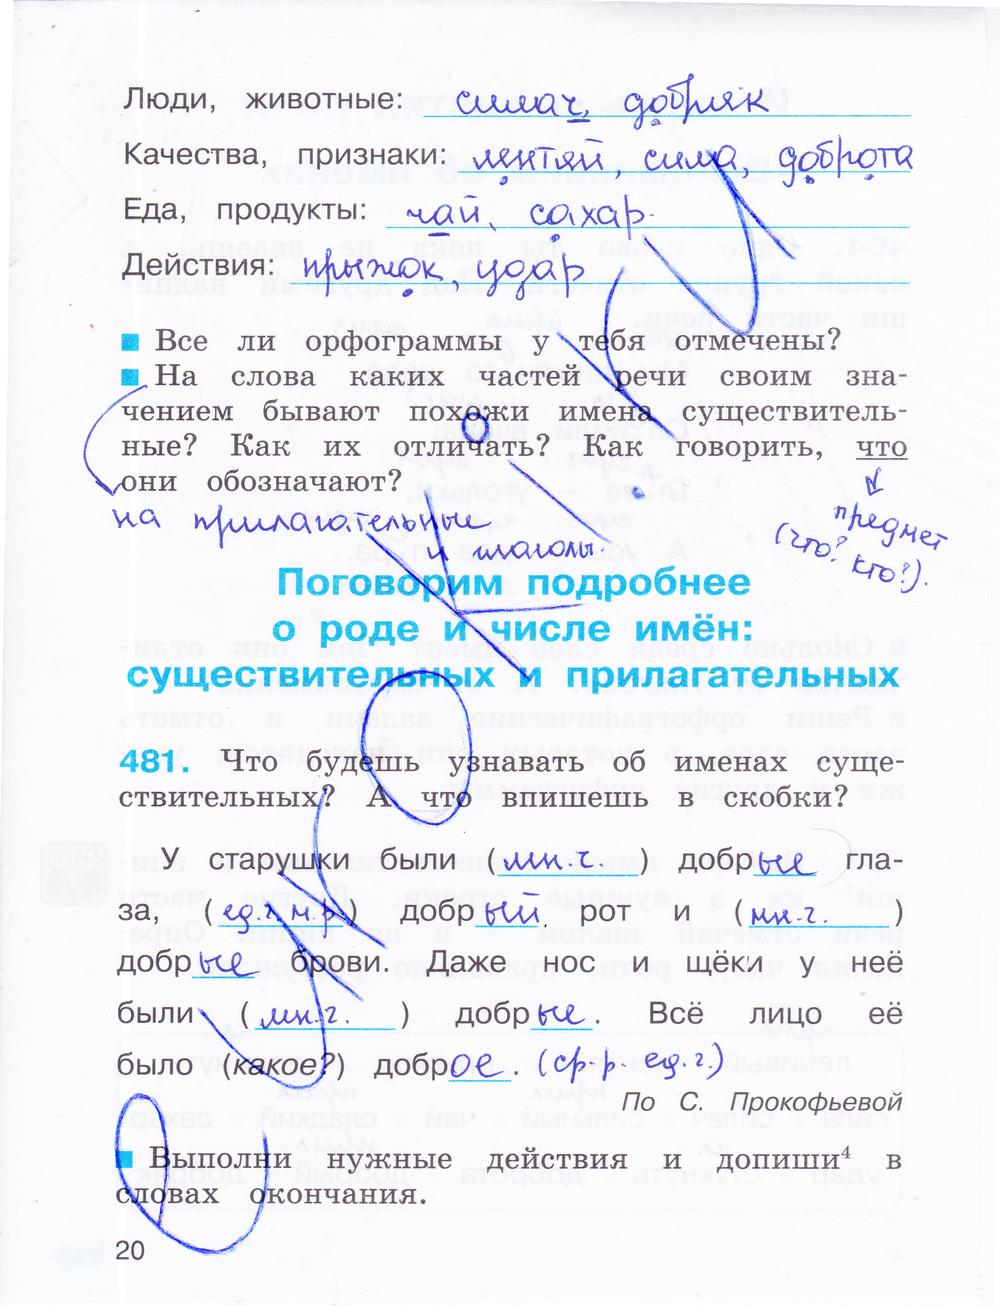 Гдз по русскому языку соловейчик кузьменко 4 классxfcnm 2